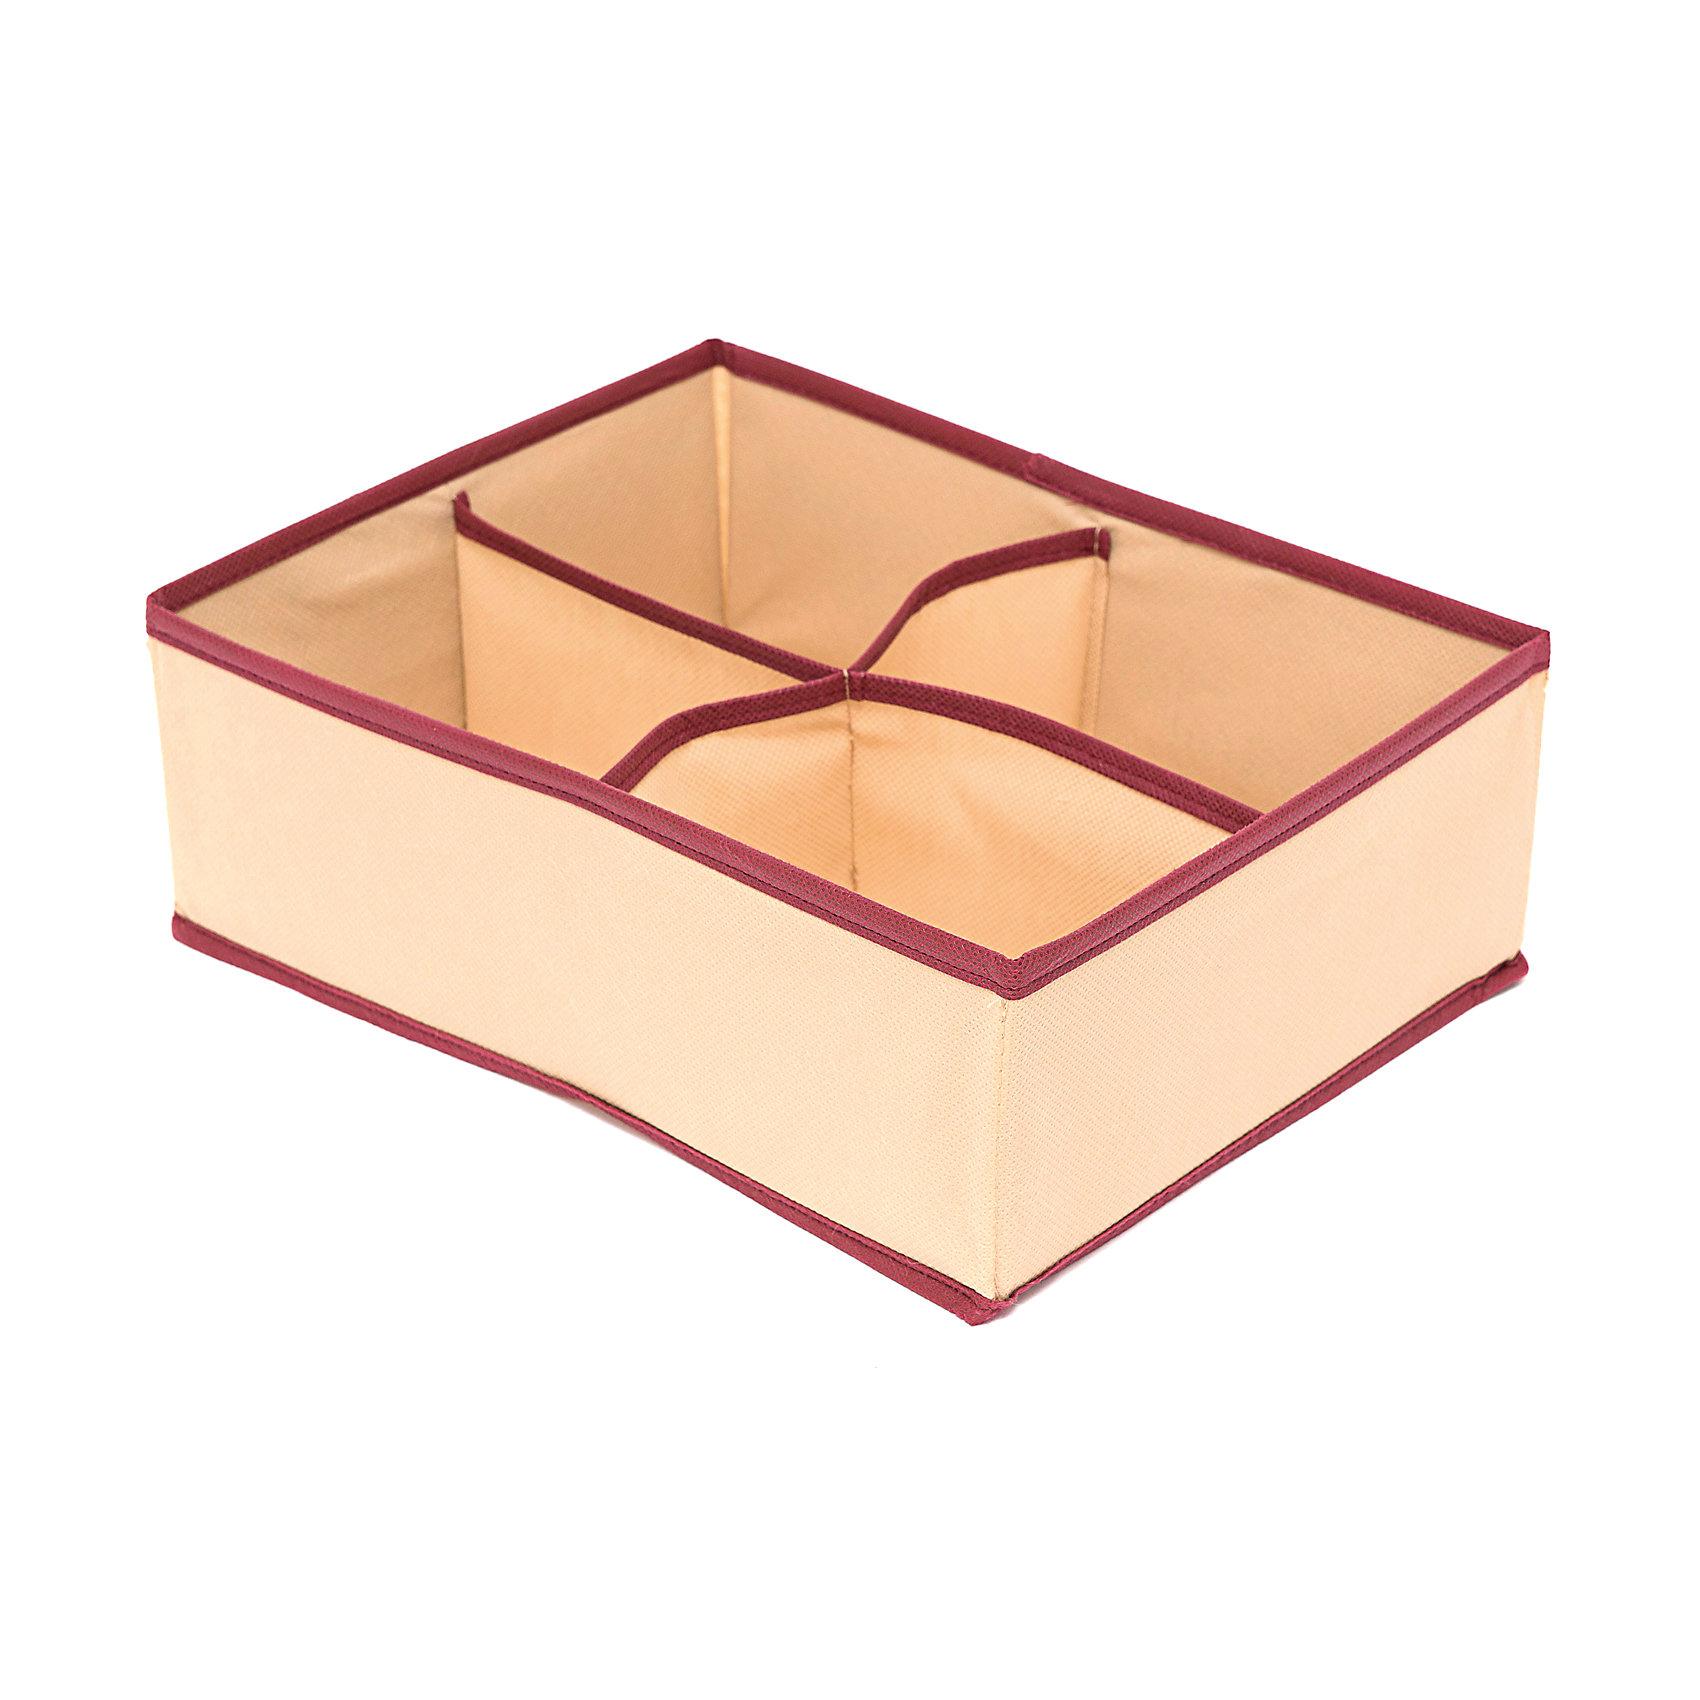 Органайзер на 4 секции Comfort (31*24*11), HomsuПорядок в детской<br>Прямоугольный, плоский органайзер имеет 4 раздельных ячейки, очень удобен для хранения вещей среднего размера в вашем ящике или на полке. Идеально для белья, шапок, рукавиц и других вещей ежедневного пользования. Имеет жесткие борта, что является гарантией сохранности вещей.<br><br>Ширина мм: 530<br>Глубина мм: 110<br>Высота мм: 20<br>Вес г: 200<br>Возраст от месяцев: 216<br>Возраст до месяцев: 1188<br>Пол: Унисекс<br>Возраст: Детский<br>SKU: 5620115